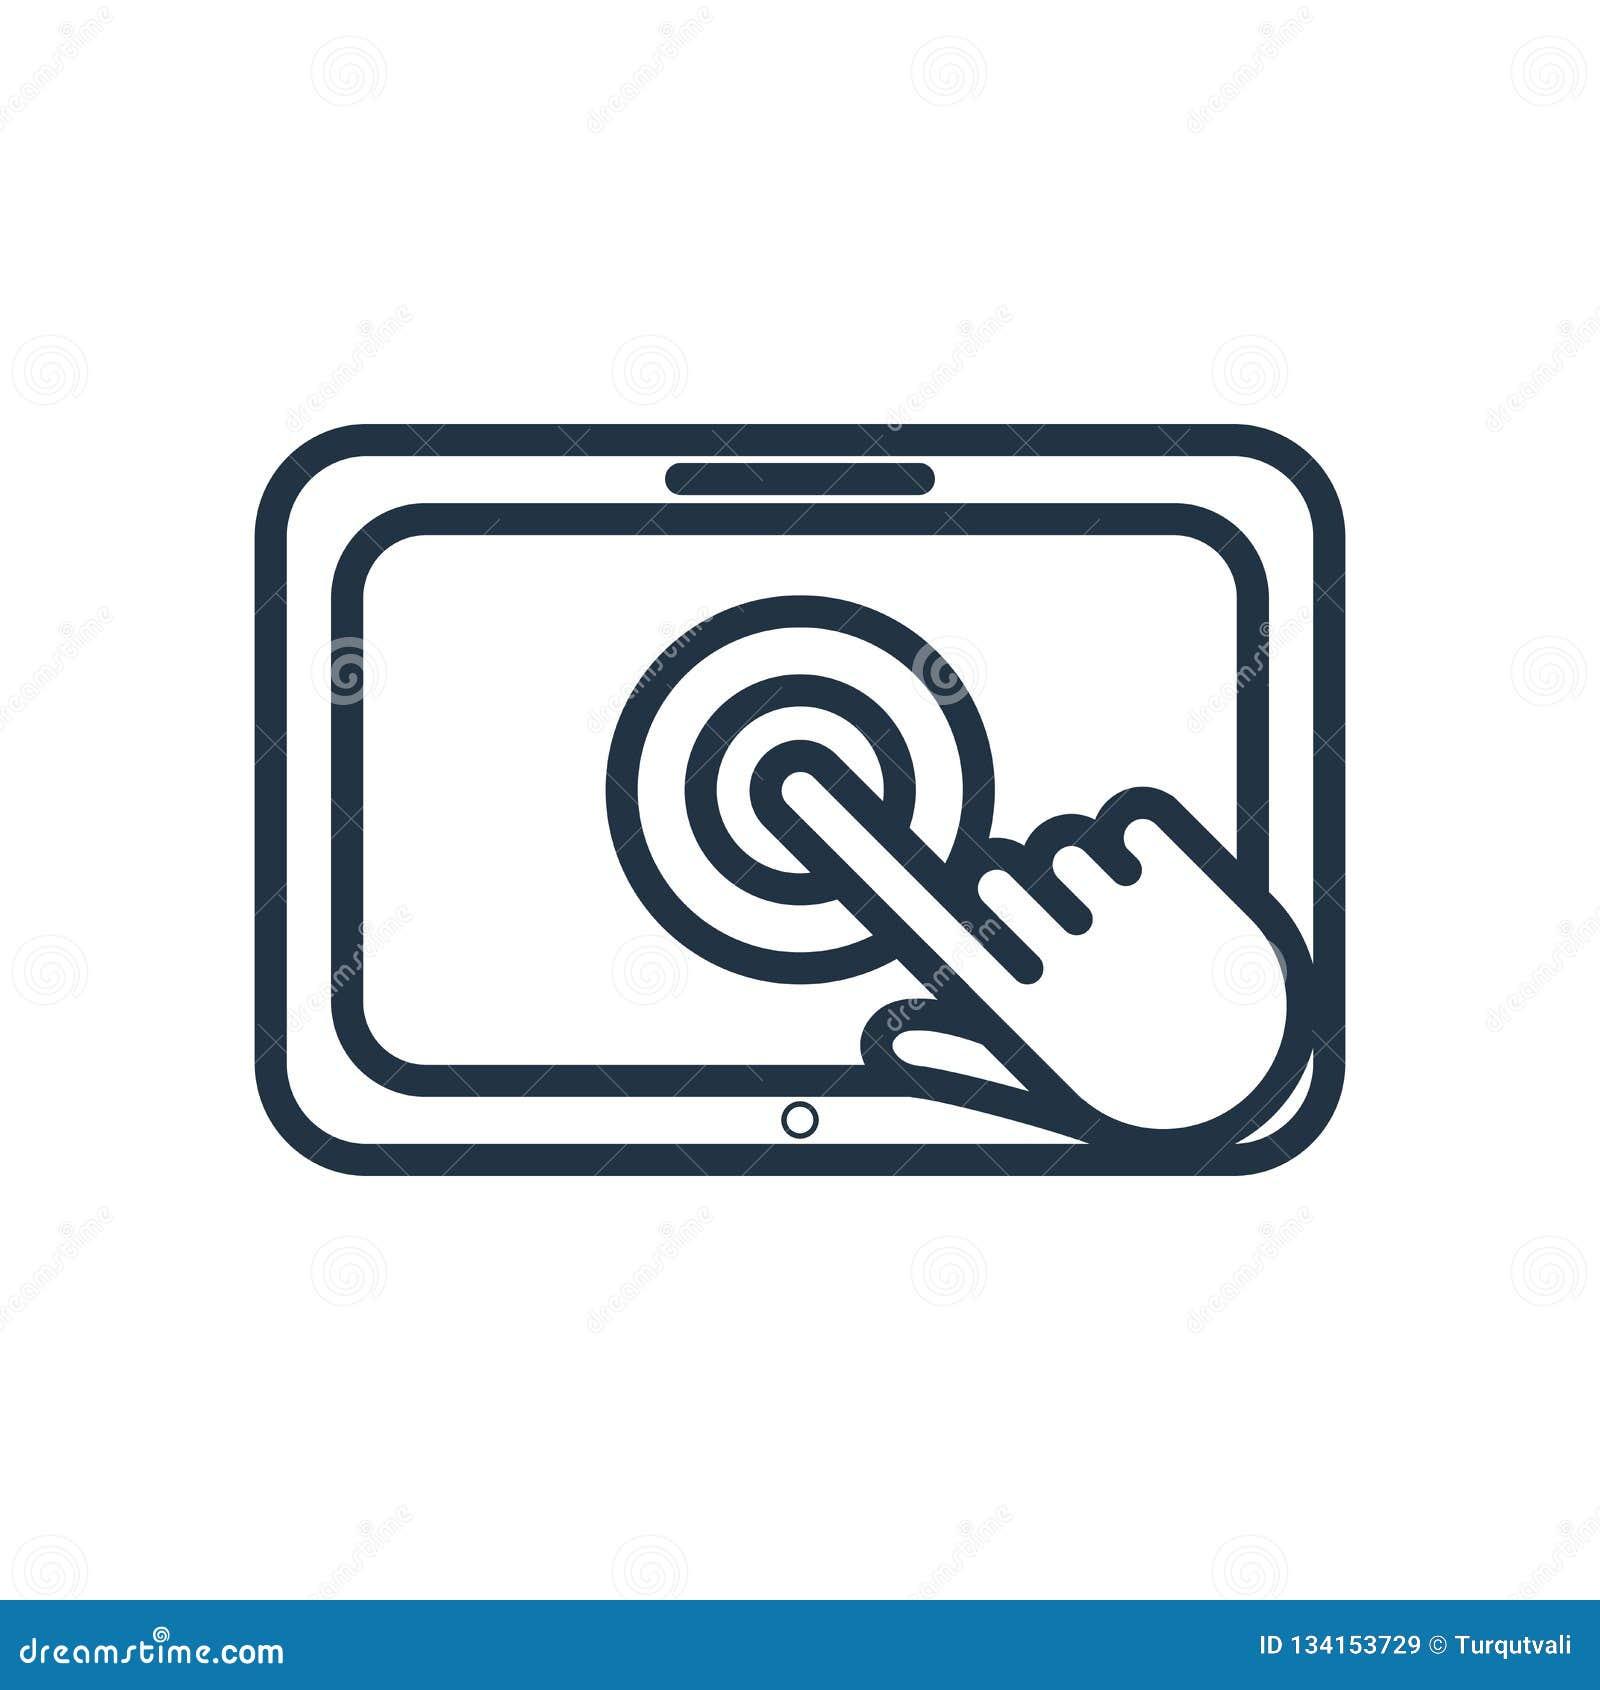 Vector del icono de la pantalla táctil aislado en el fondo blanco, muestra de la pantalla táctil